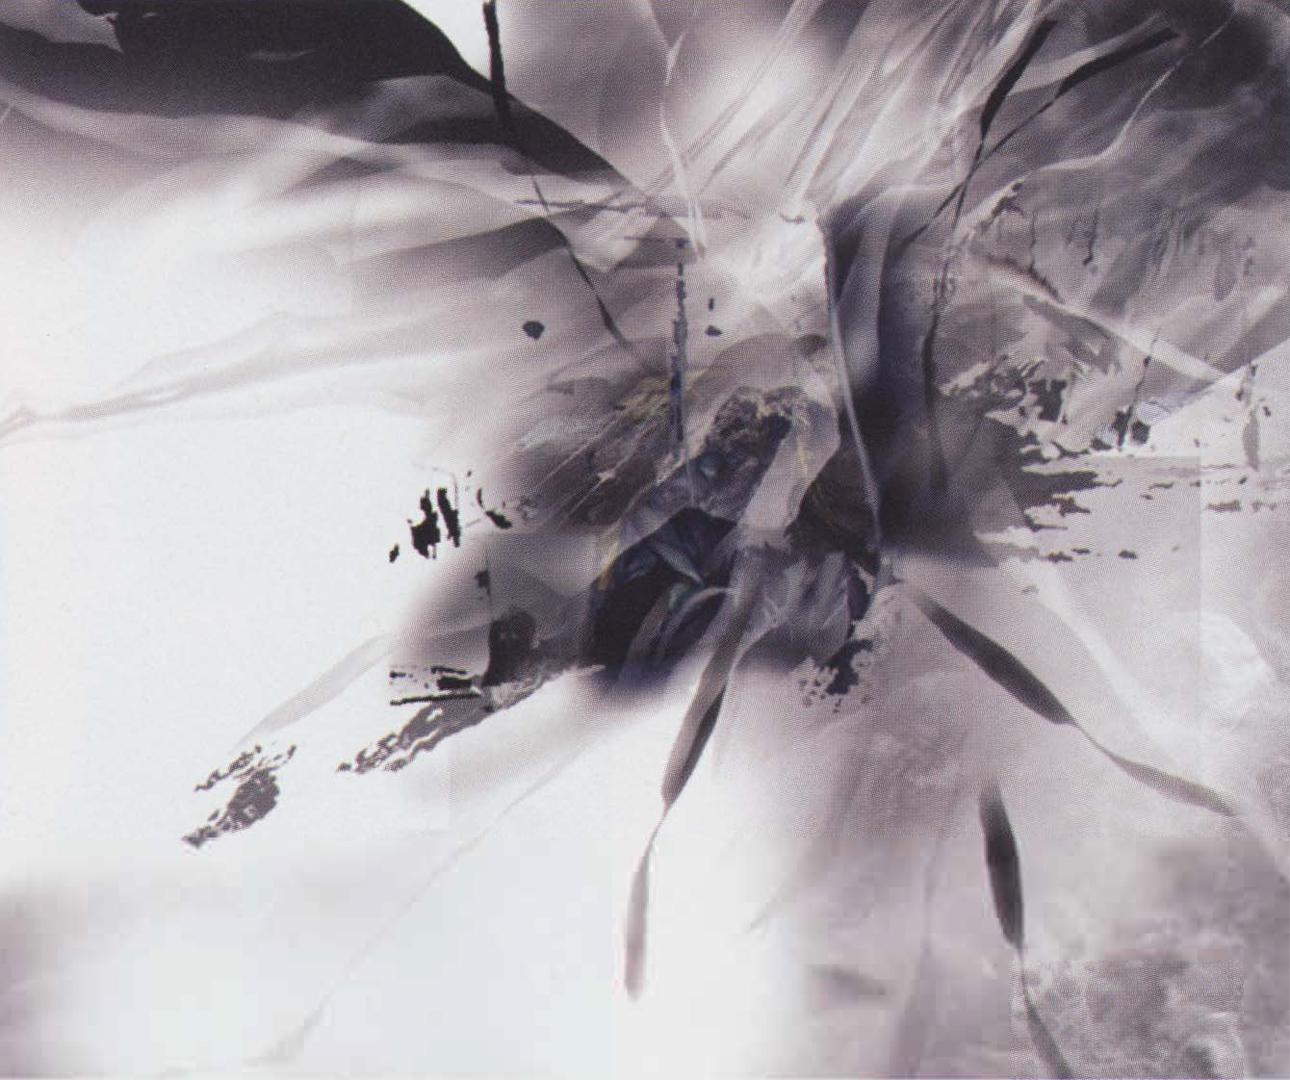 ©2003, Dan Lu and Wayne Guo